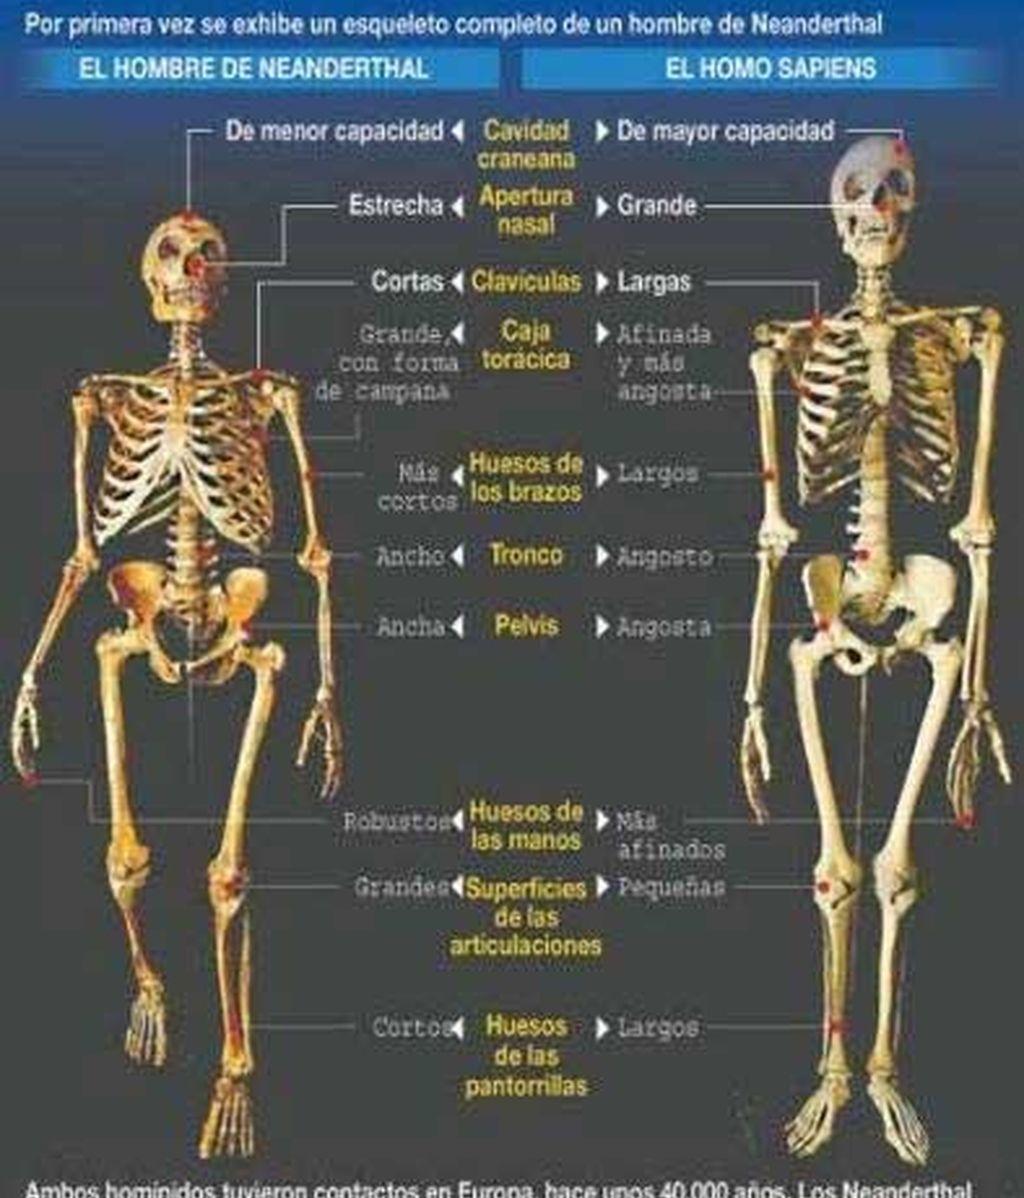 Hasta ahora se pensaba que el Homo Sapiens había sido el único capaz de explorar todos los recursos naturales.